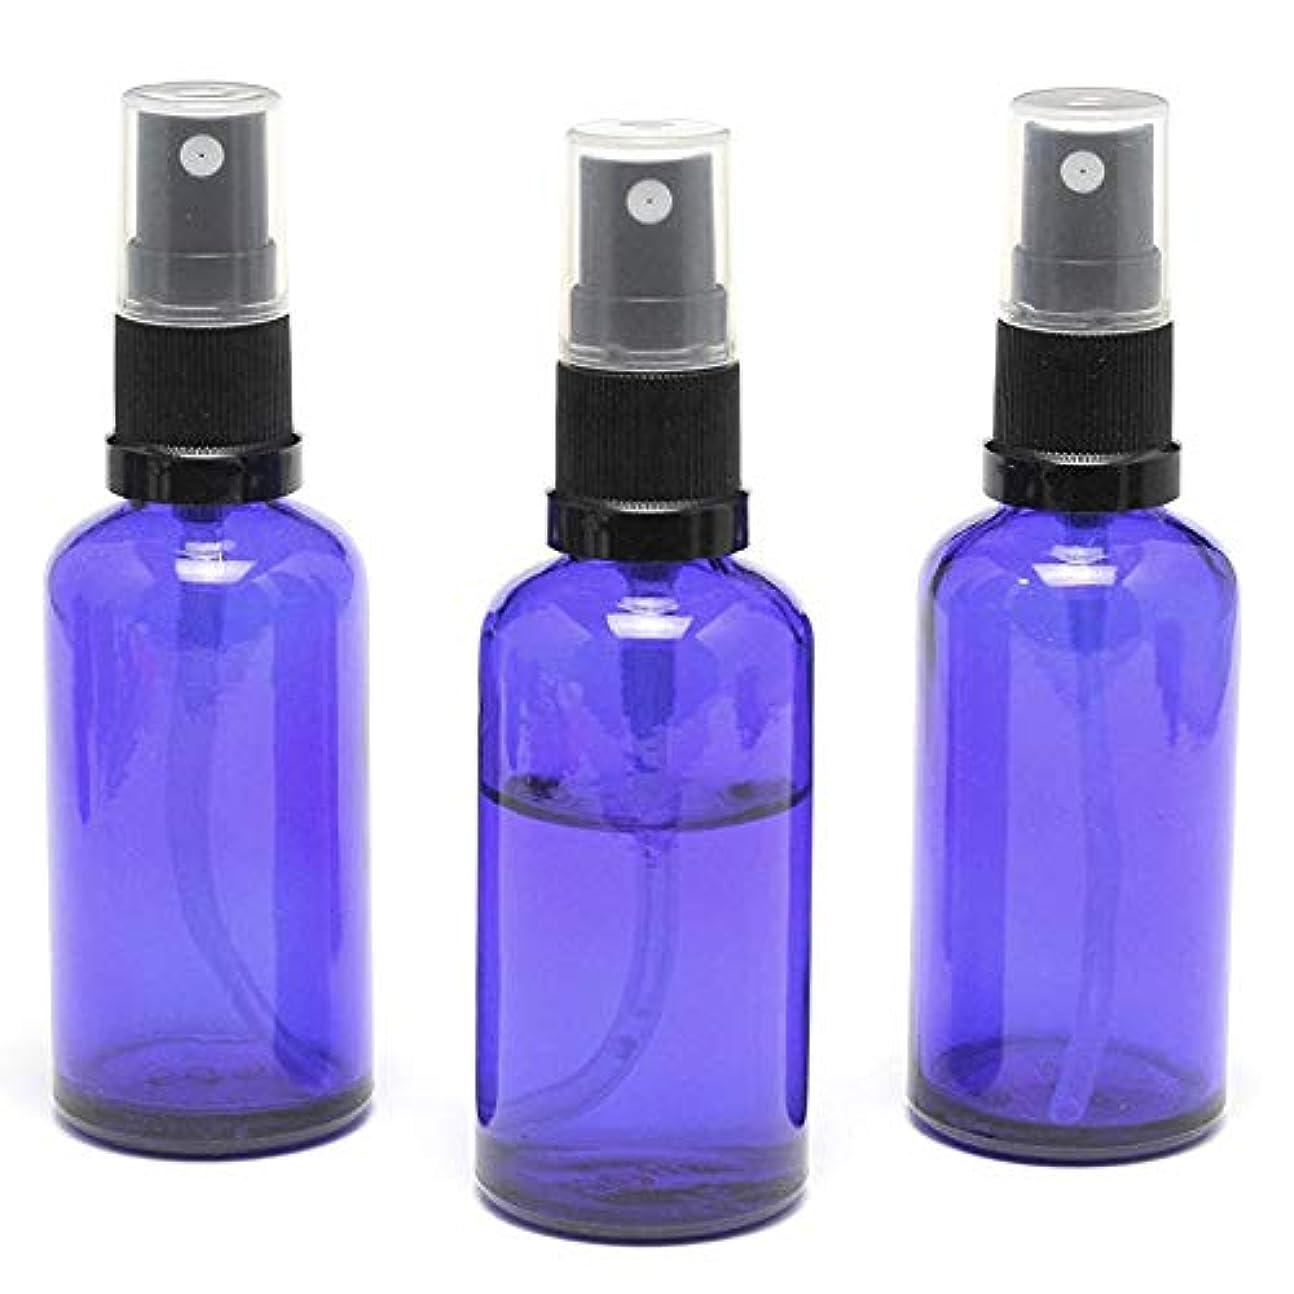 東抜本的なクロール遮光瓶/スプレーボトル (グラス/アトマイザー) 50ml ブルー/ブラックヘッド 3本セット